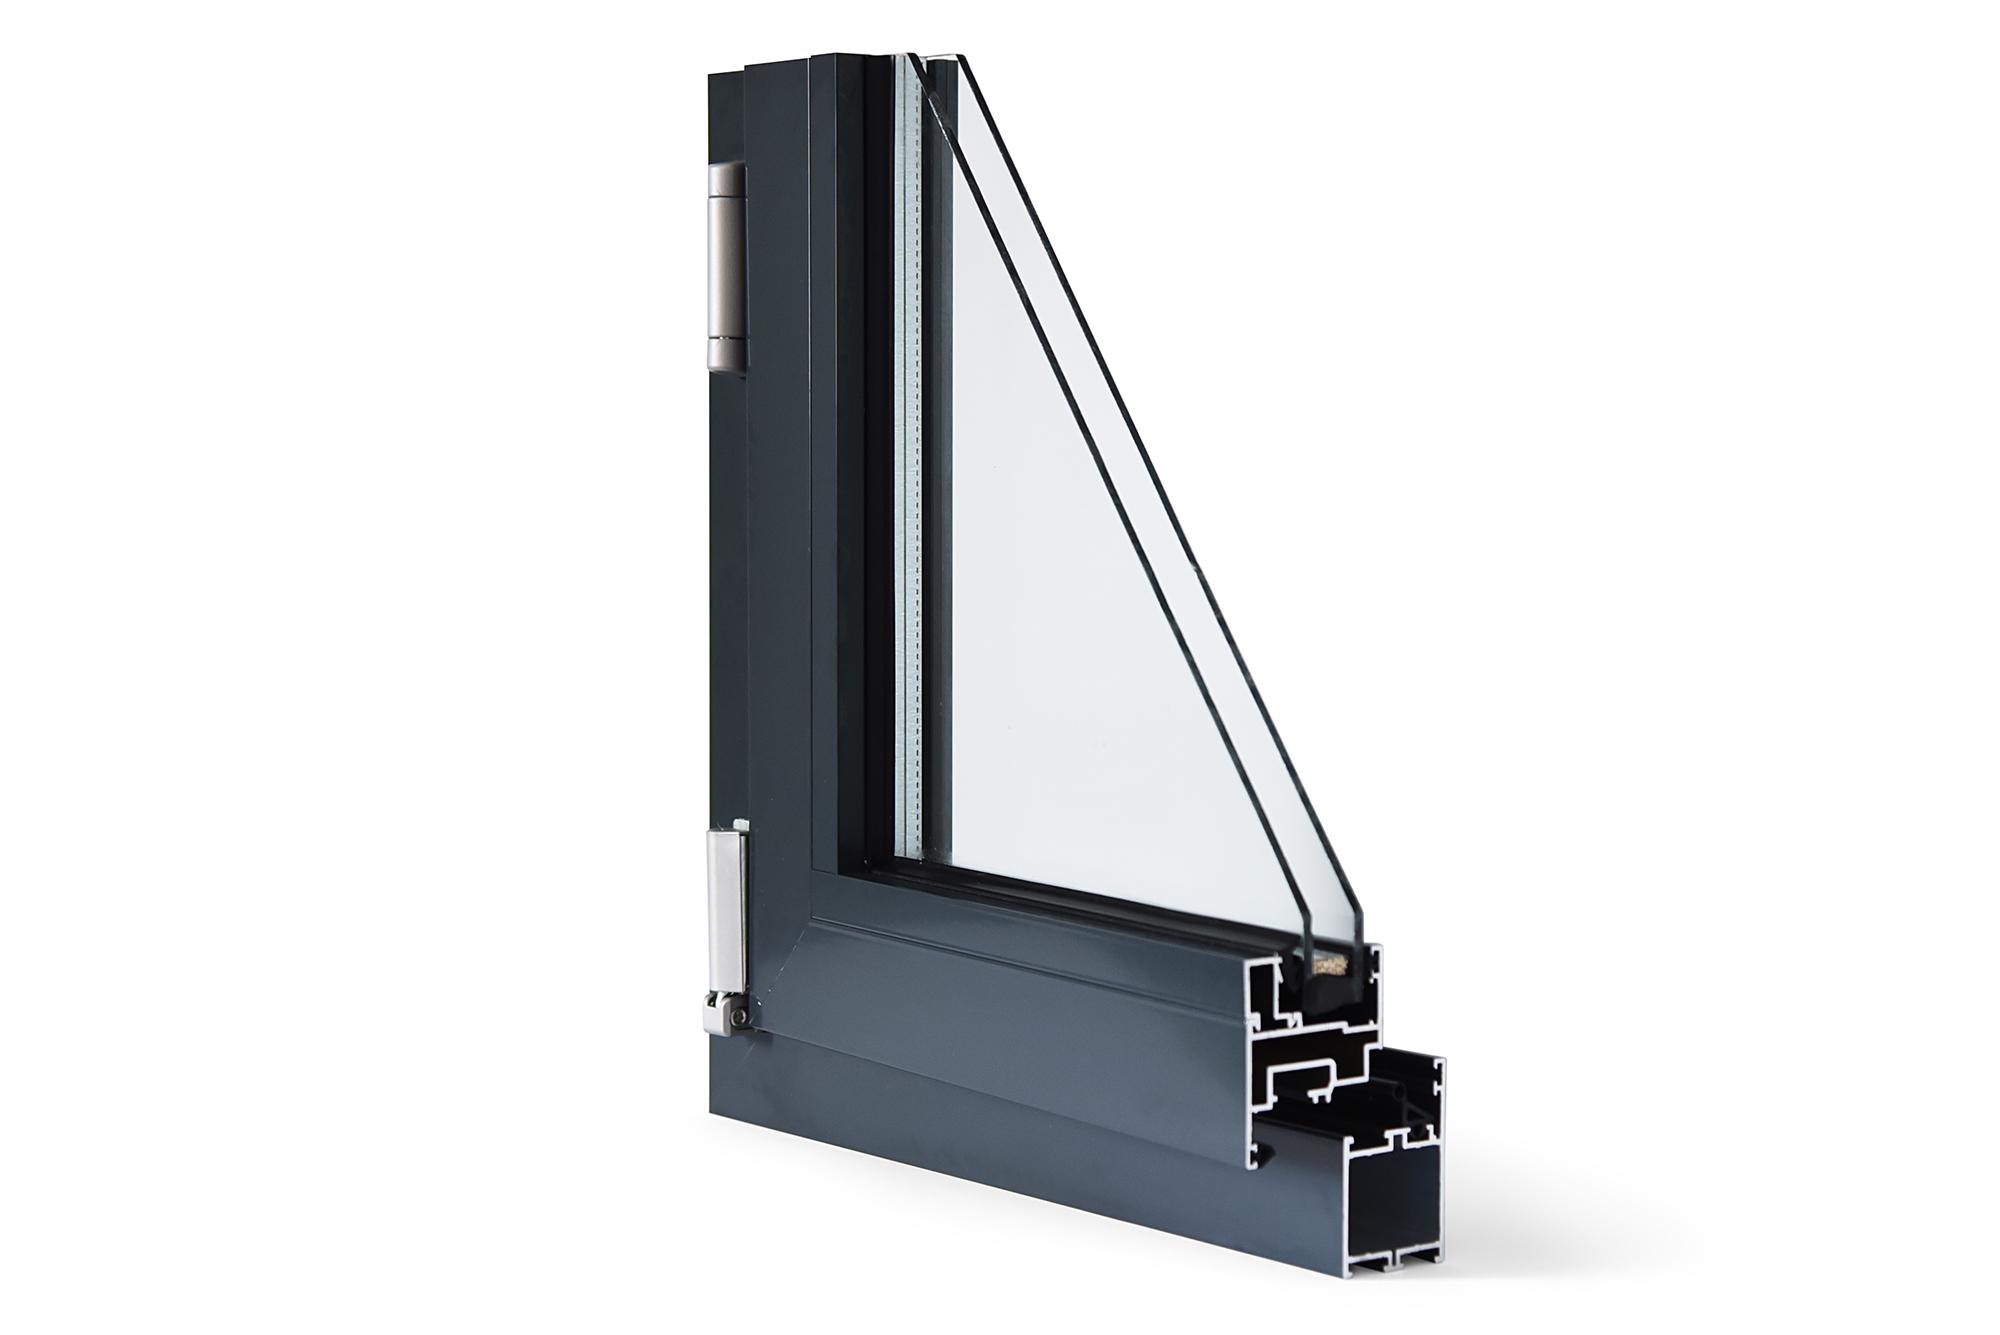 Full Size of Aluminiumfenster Drutealu Mb 45 Fenster Ral8019 Braun Bauhaus Velux Kaufen Dachschräge Drutex Günstige Rc3 Tauschen Sicherheitsfolie Einbau Salamander Fenster Aluminium Fenster